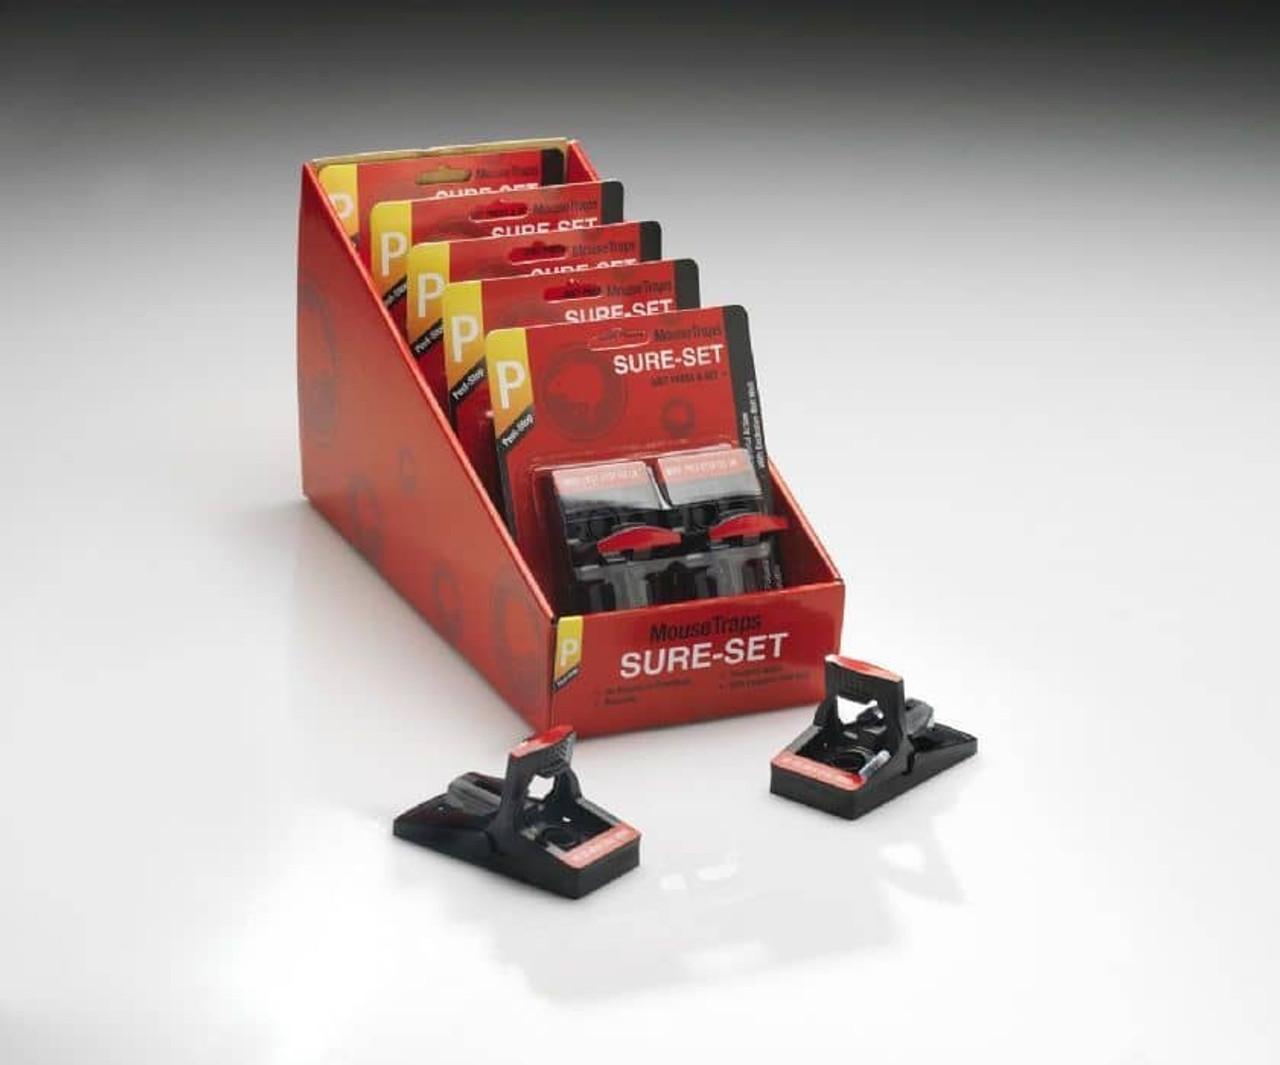 Procter Sure-Set Plastic Mousetrap (2)